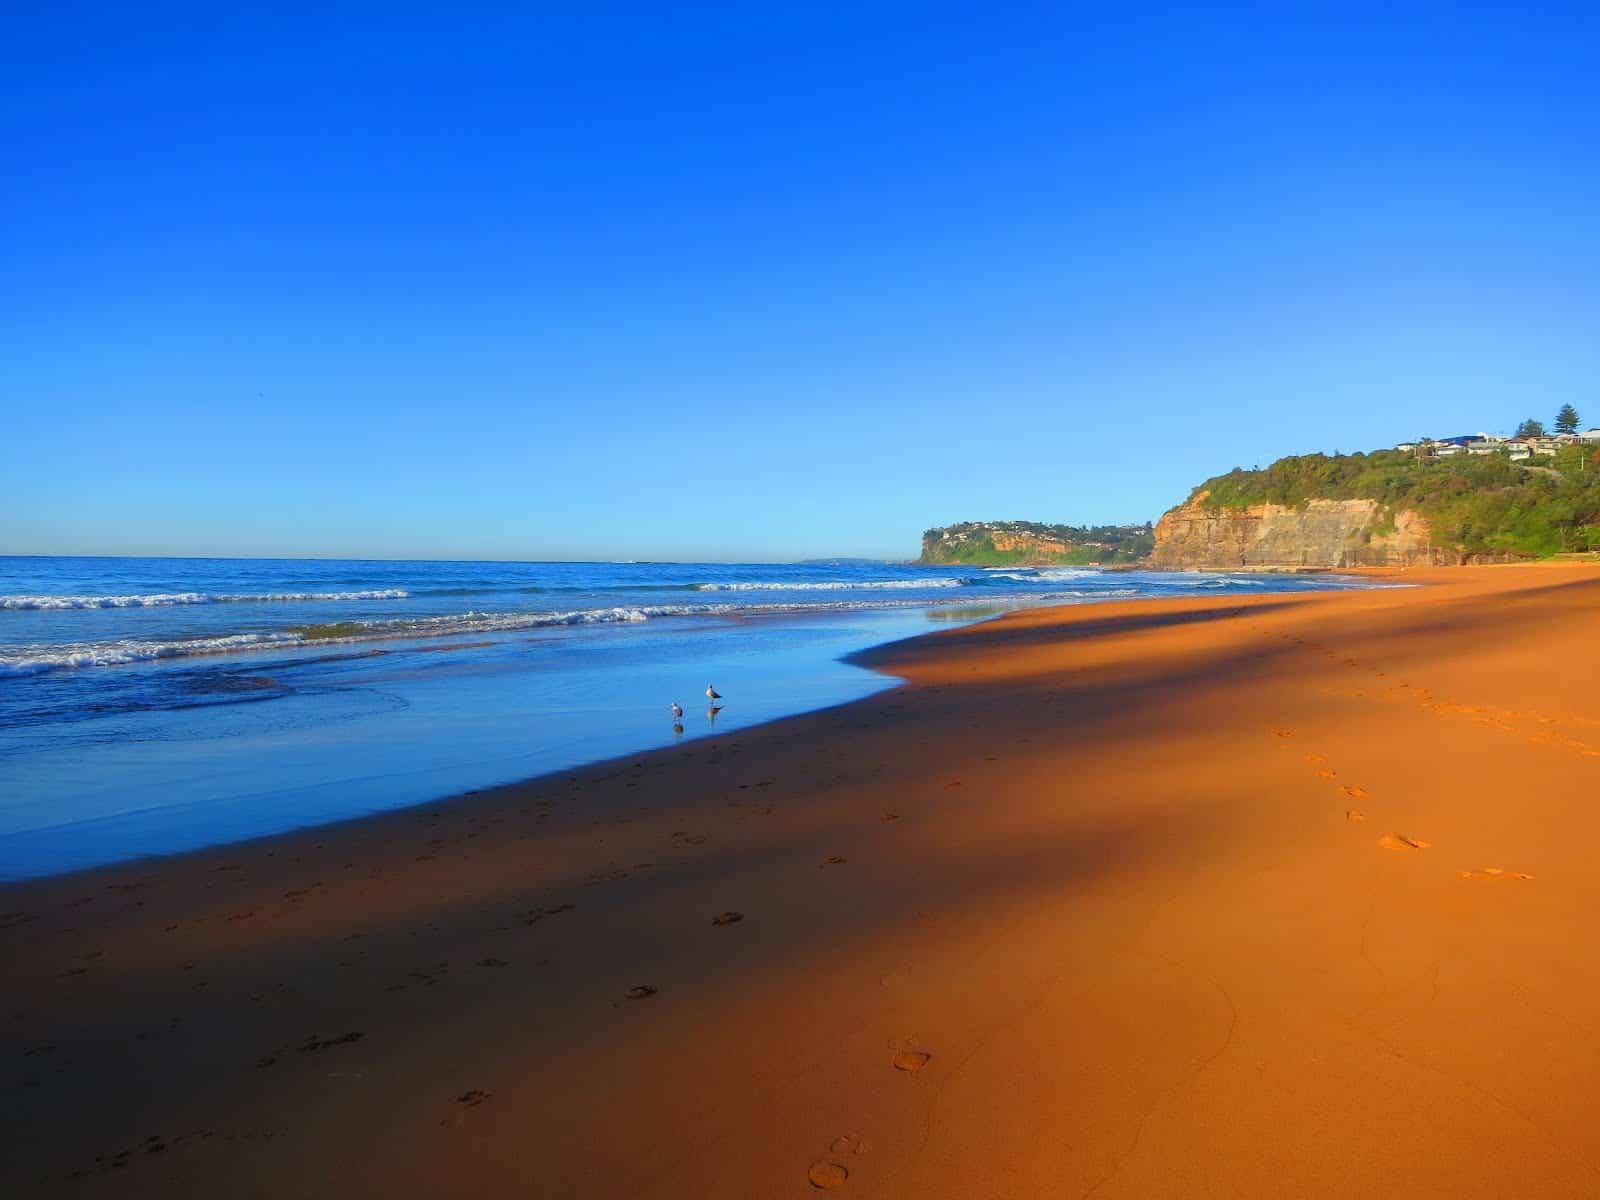 Bilgola Beach, Sydney Australia